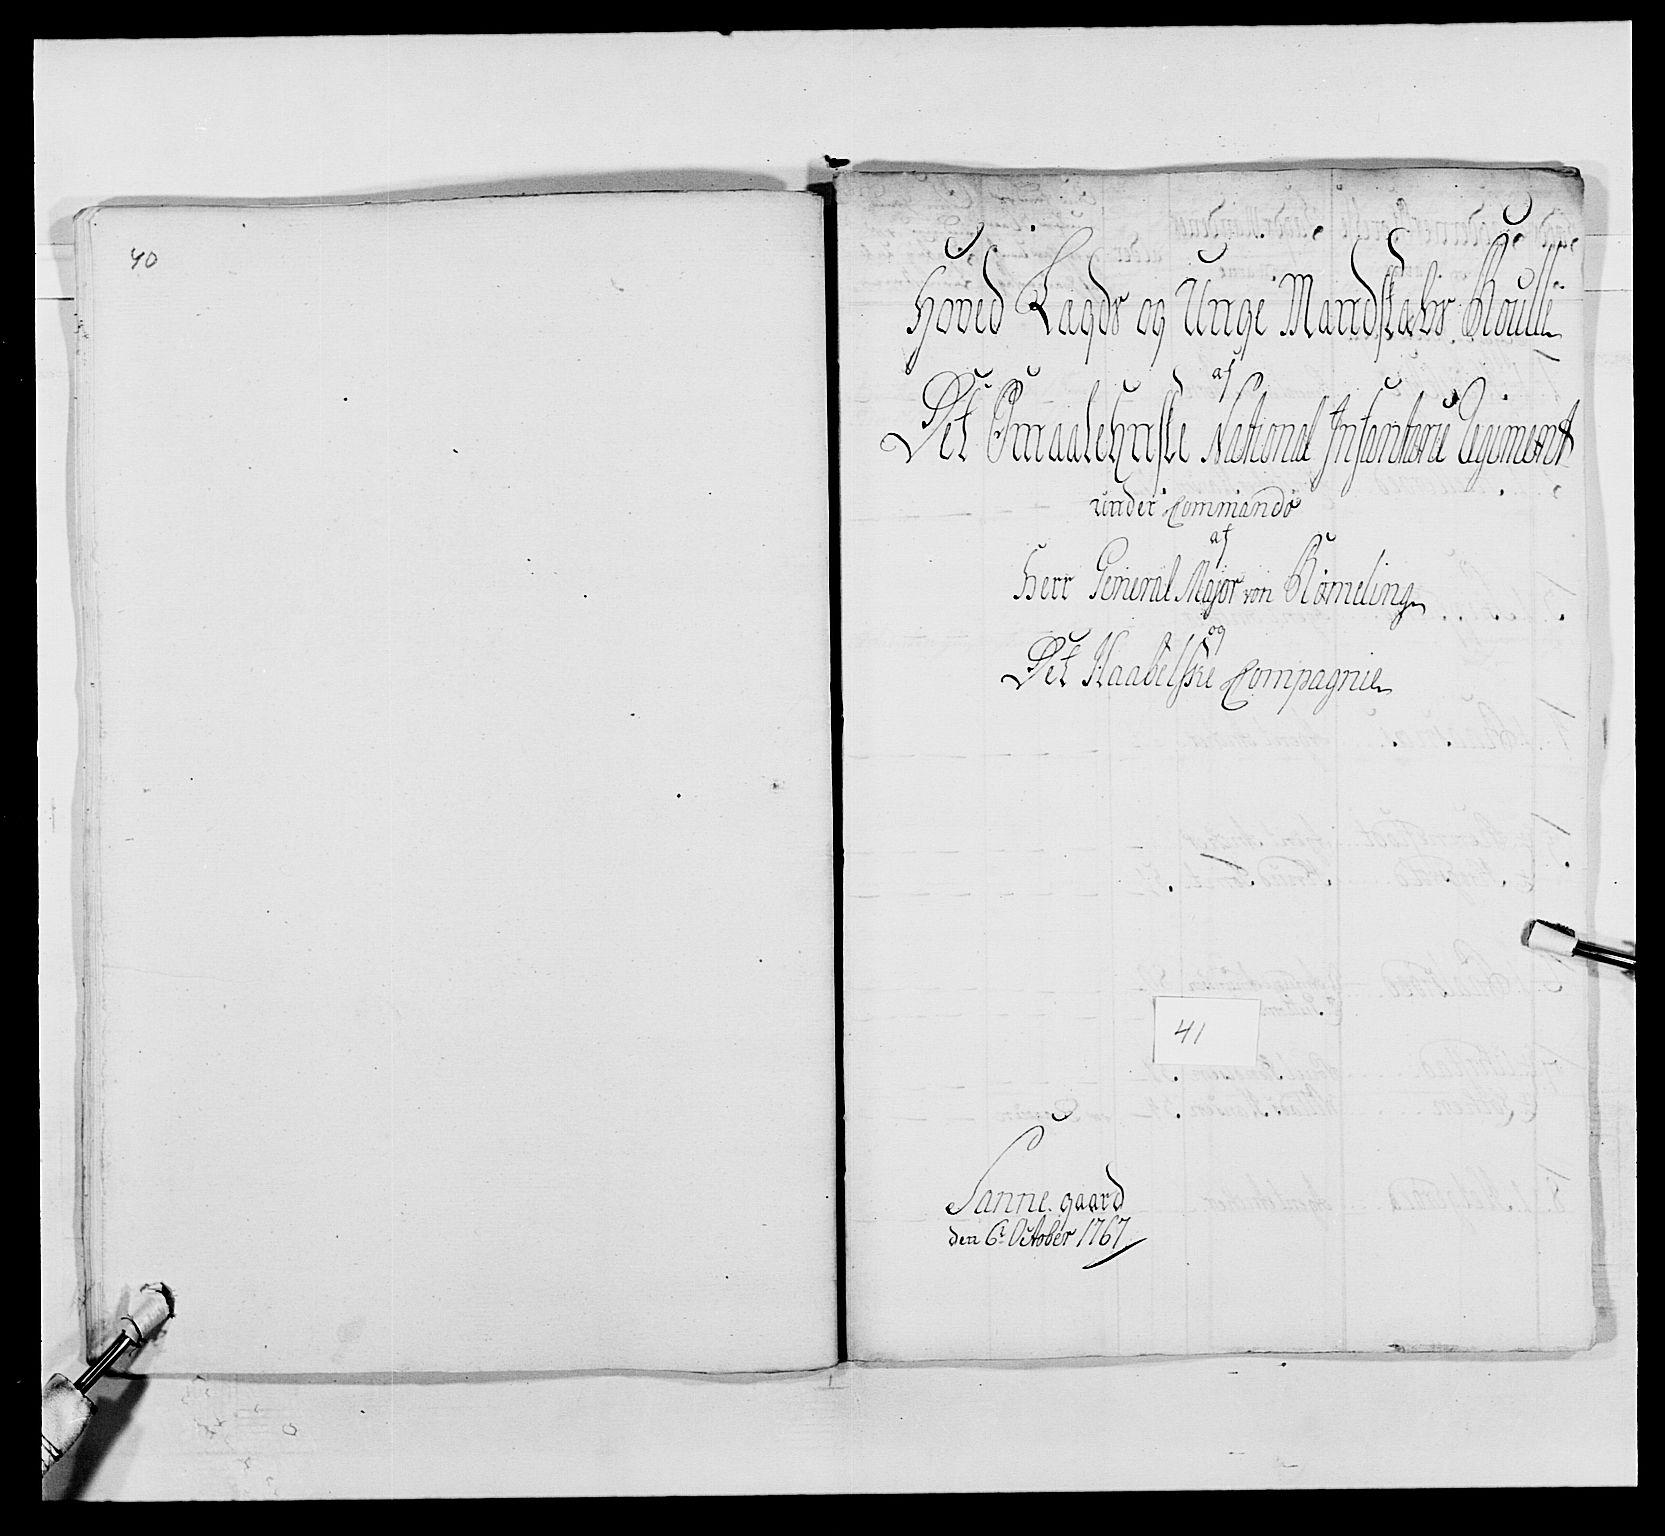 RA, Kommanderende general (KG I) med Det norske krigsdirektorium, E/Ea/L0496: 1. Smålenske regiment, 1765-1767, s. 786